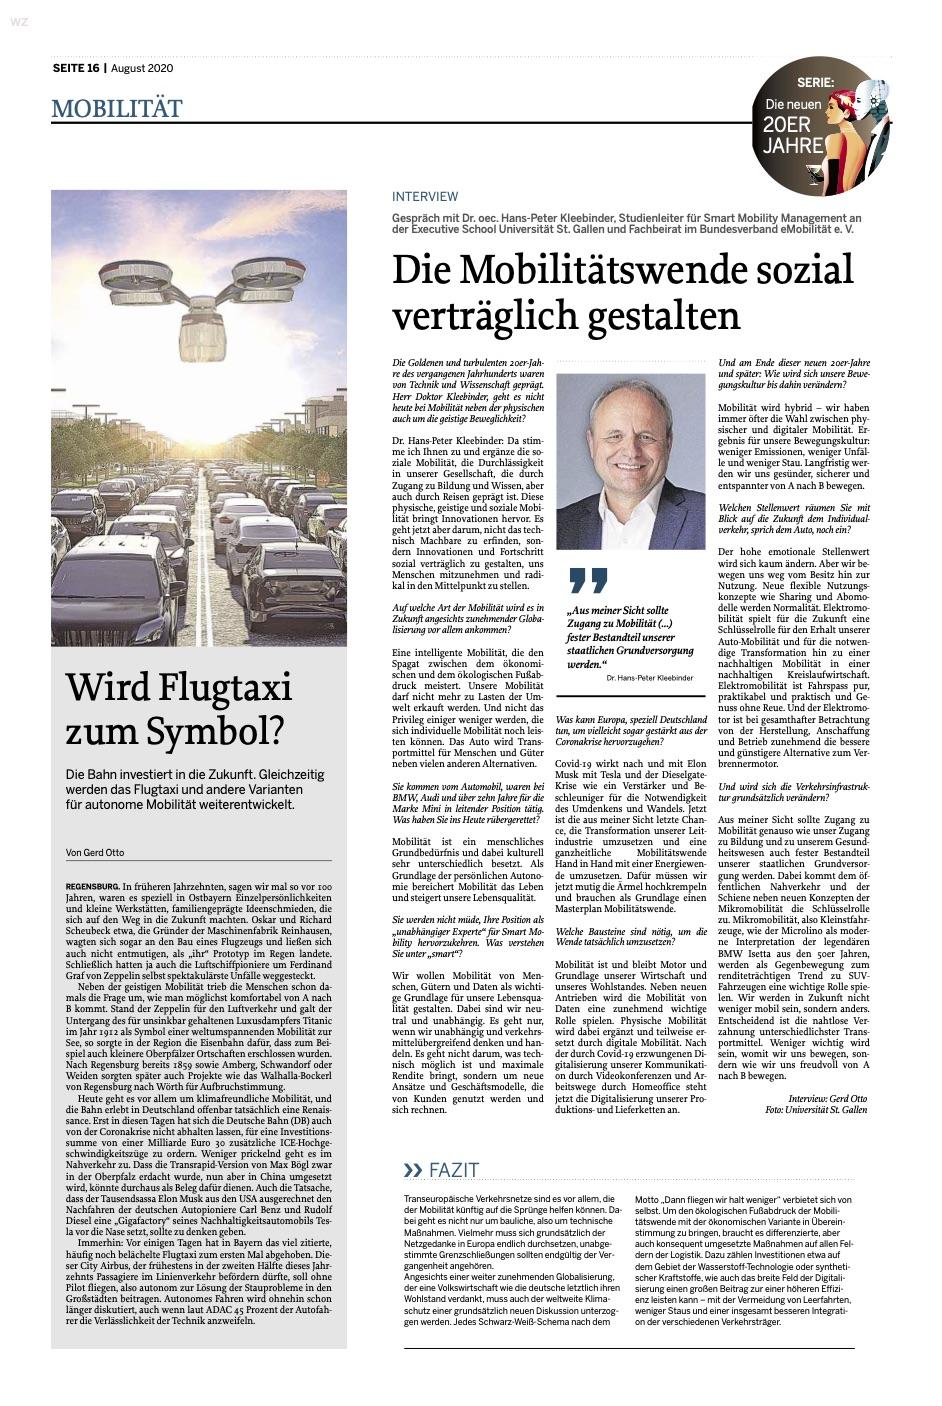 Cover: Focus Online - Krise Befeuert Umdenken in Auto-Industrie und eröffnet Deutschland globale Chancen